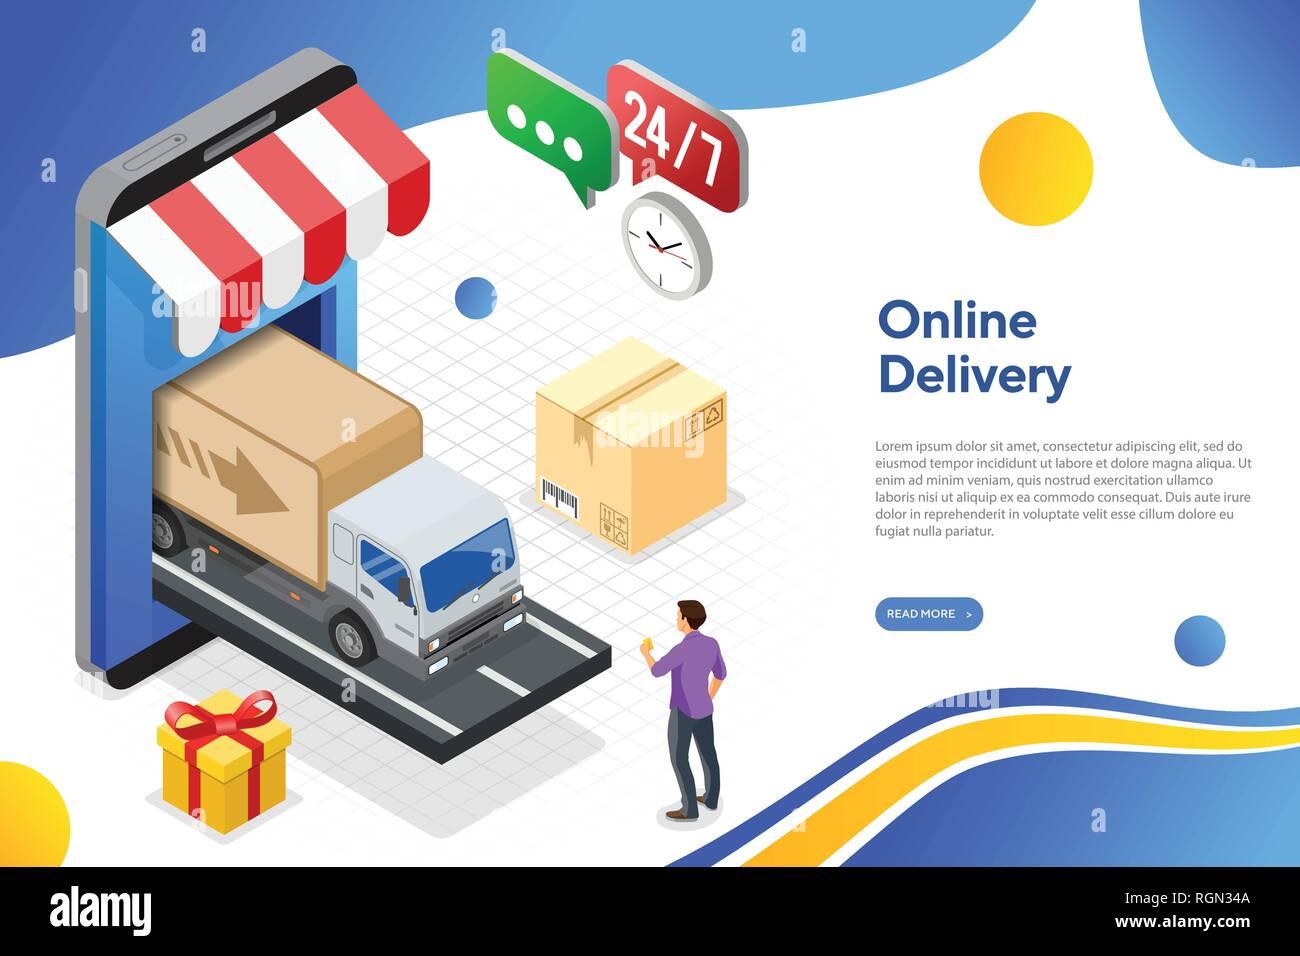 c848024fc8 Internet Shopping Online consegna concetto isometrica Illustrazione ...